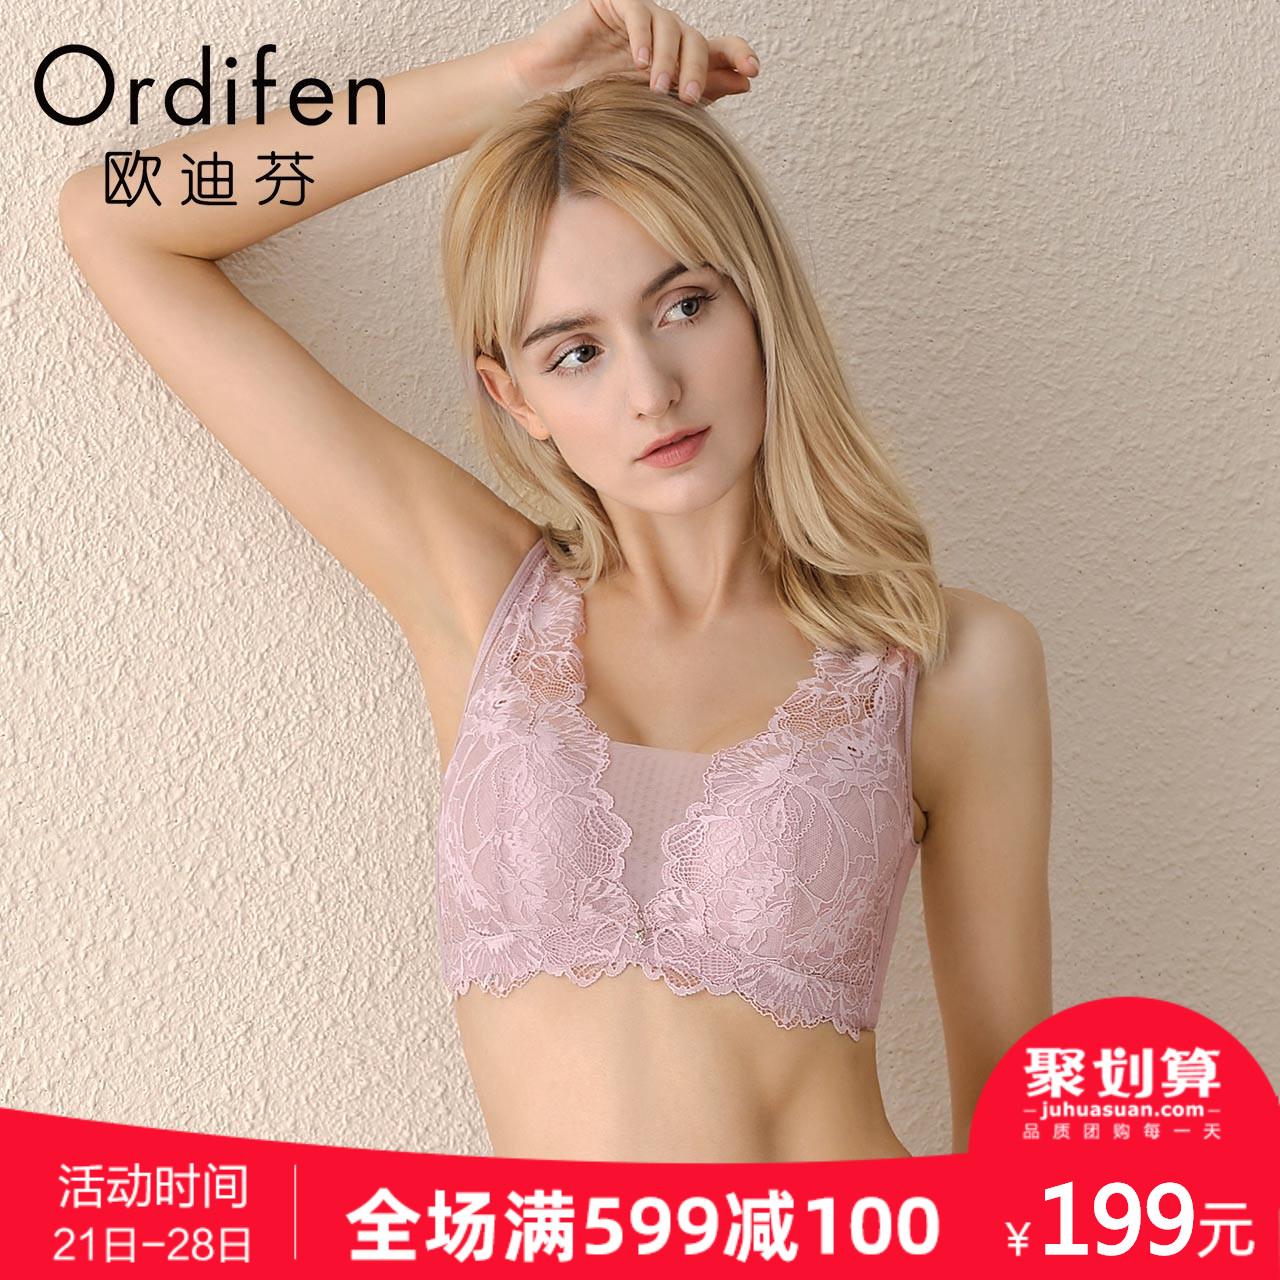 欧迪芬洞洞杯女士内衣抹胸背心式胸罩蕾丝聚拢侧收调整文胸XB9503图片